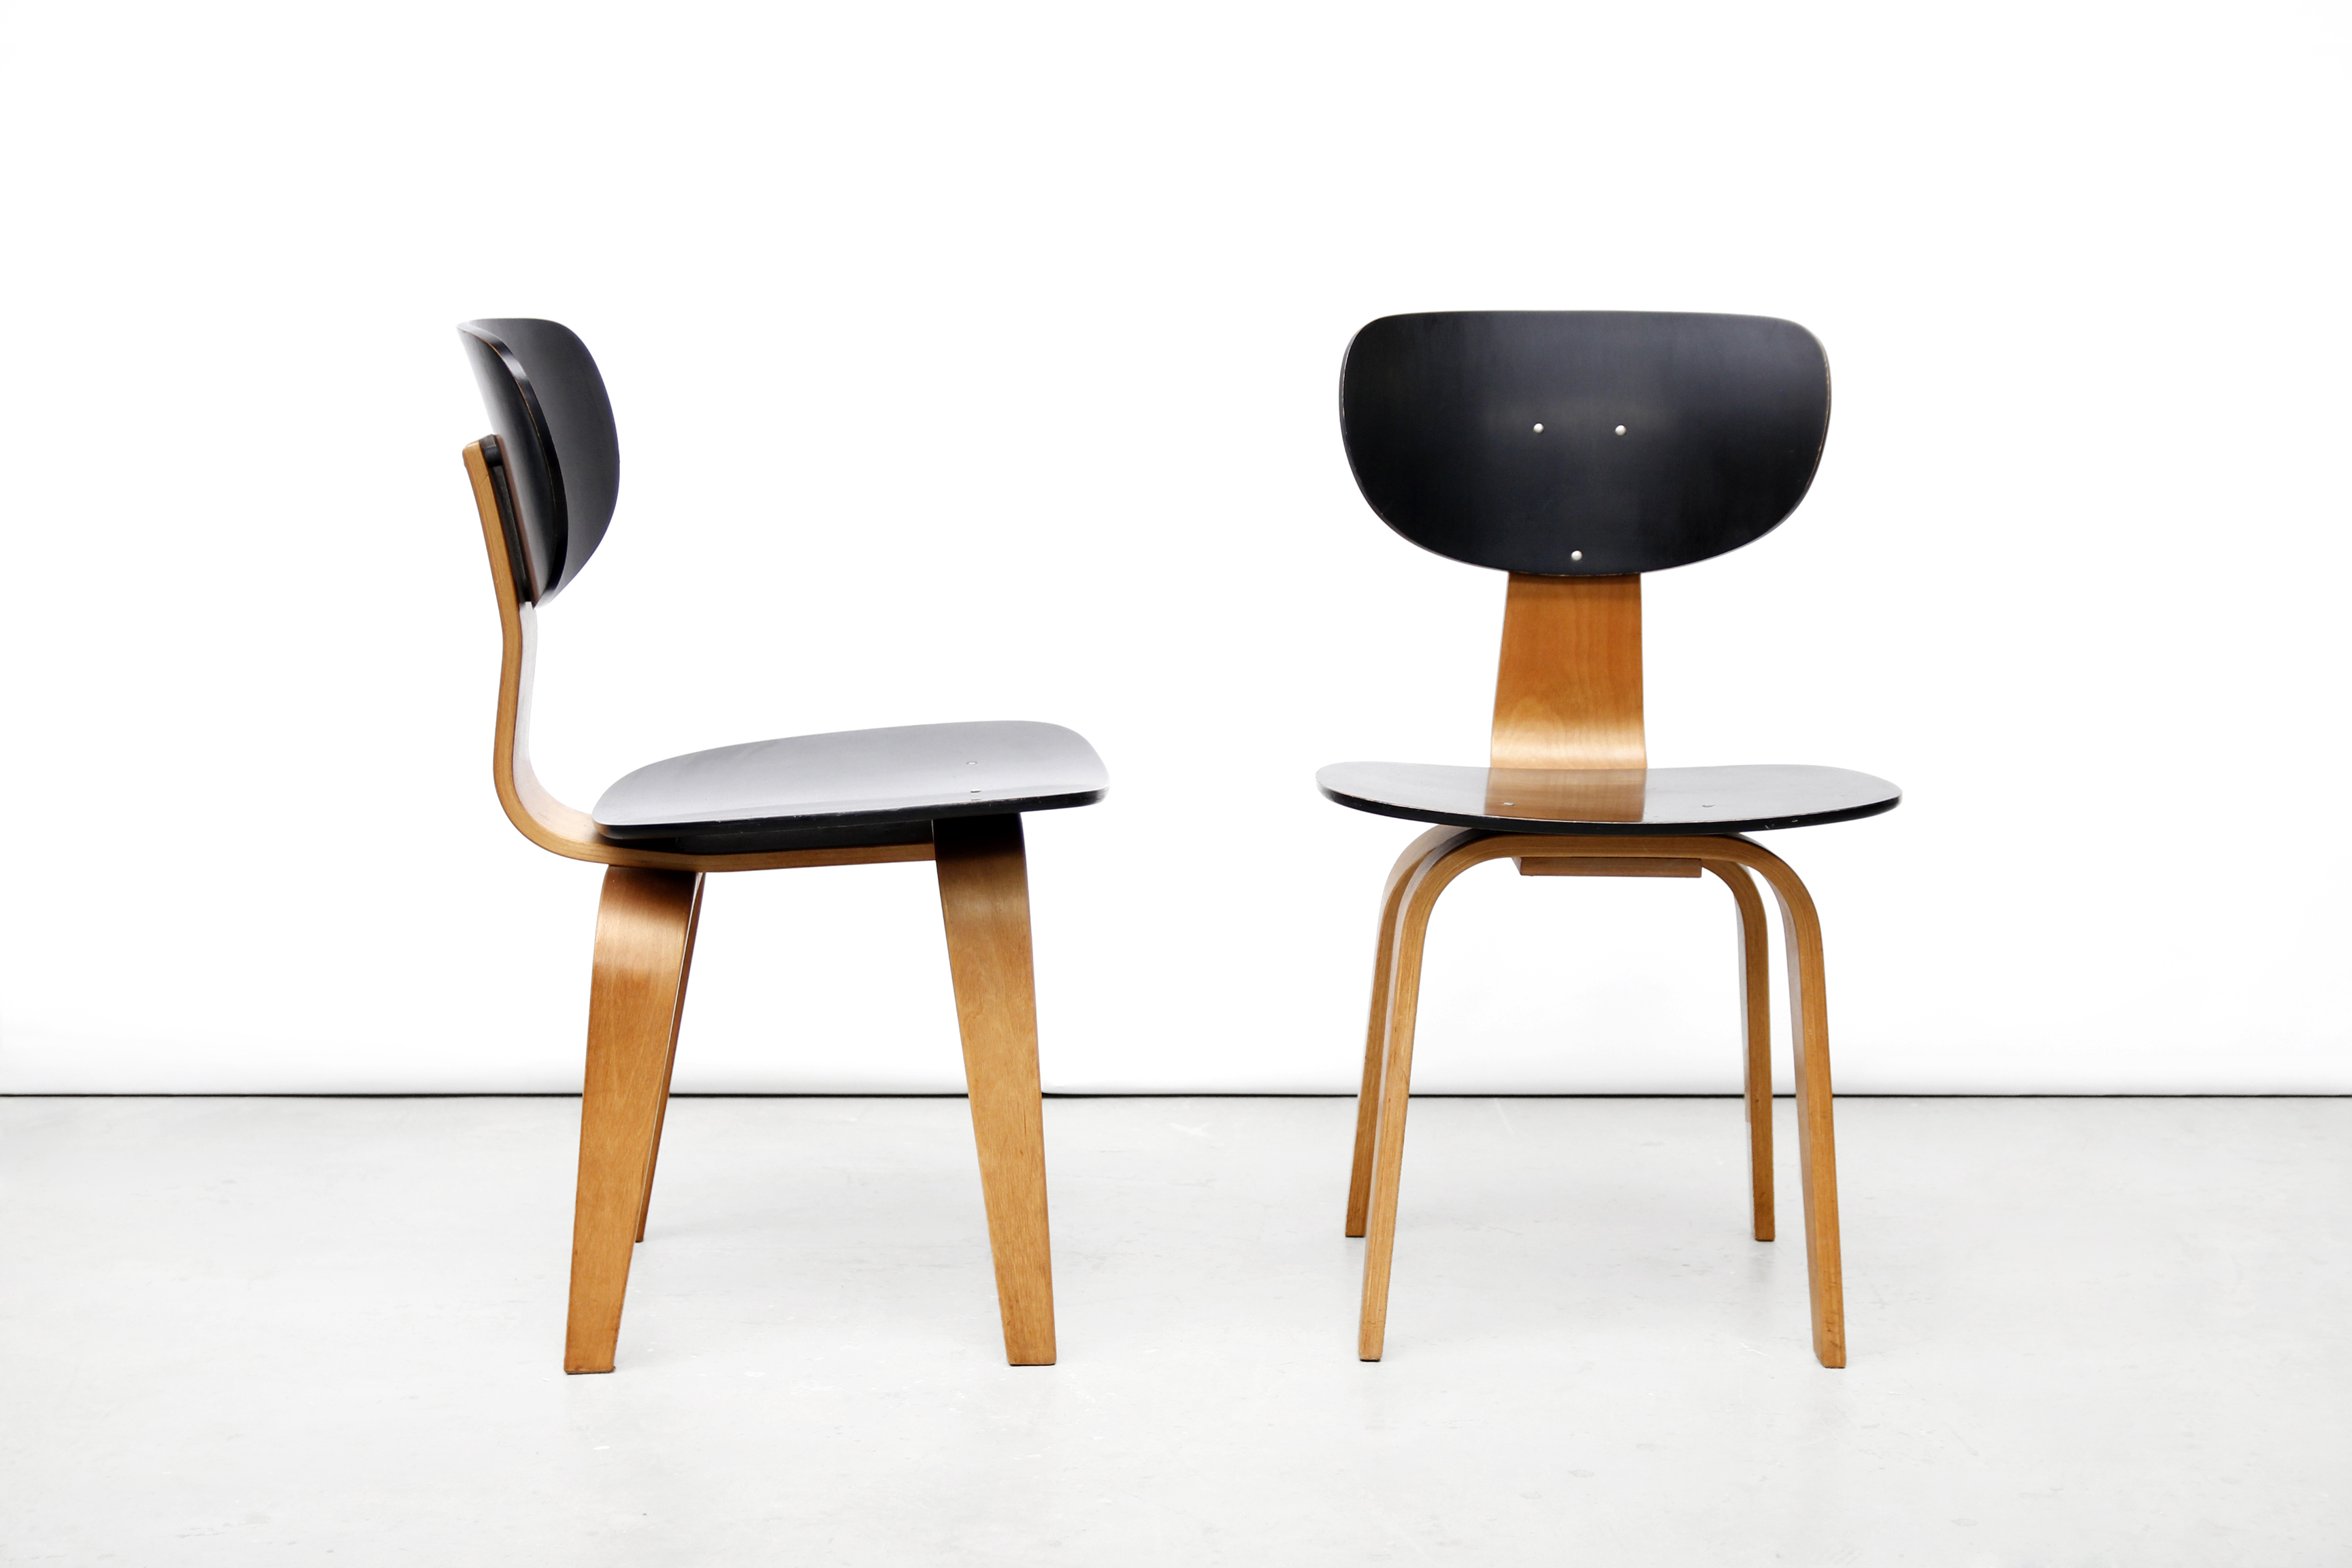 Design Pastoe Stoelen : Pastoe stoel cees braakman complete eetkamer set van pastoe met